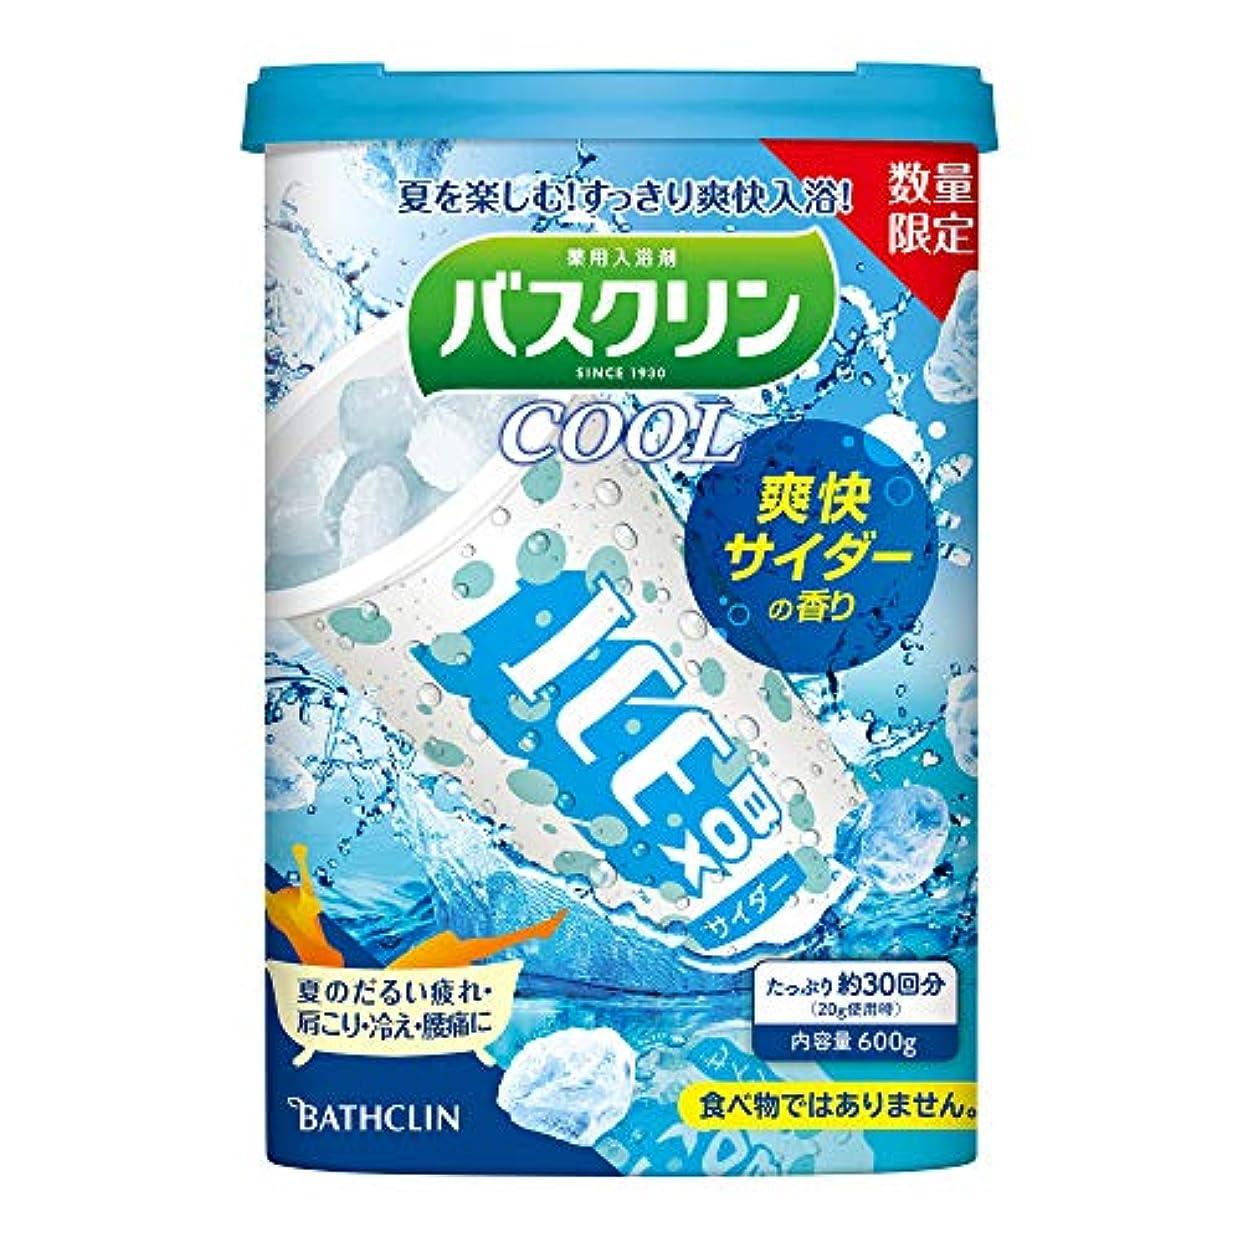 植物学アルコーブ雄大な【医薬部外品/数量限定品】バスクリンクール入浴剤 ICEBOX爽快サイダーの香り 600g(約30回分) クール入浴剤 すっきりさわやか